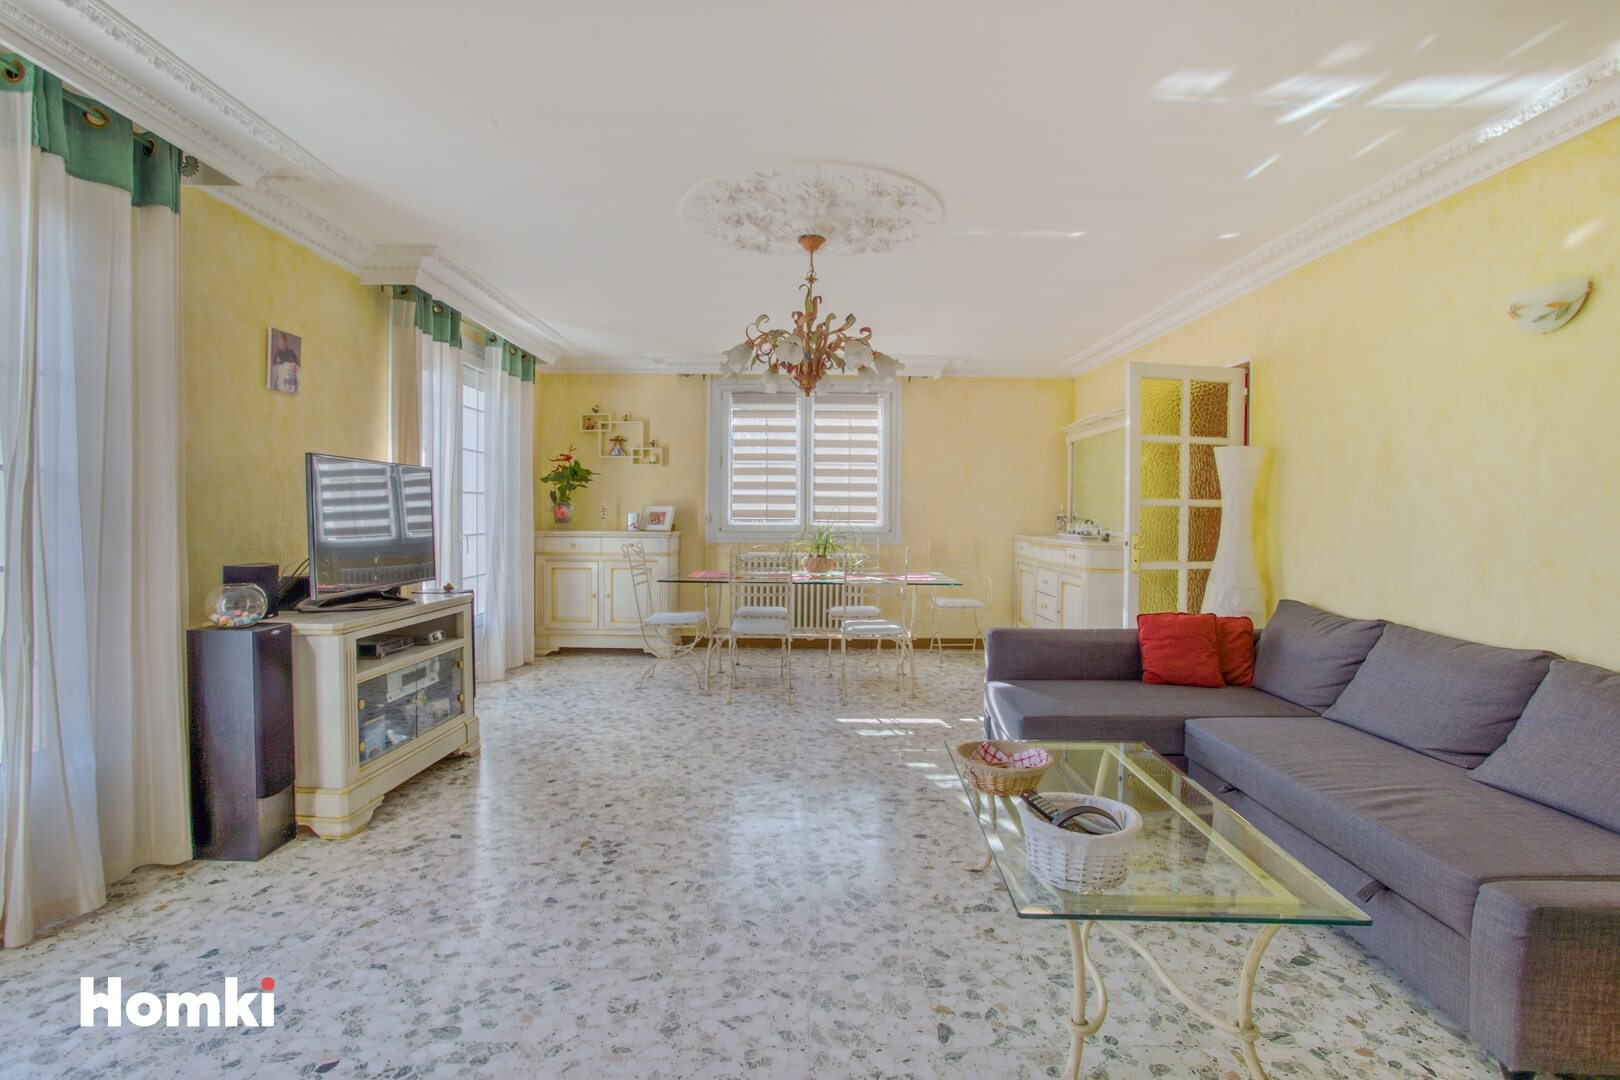 Homki - Vente Maison/villa  de 190.0 m² à Castanet-Tolosan 31320